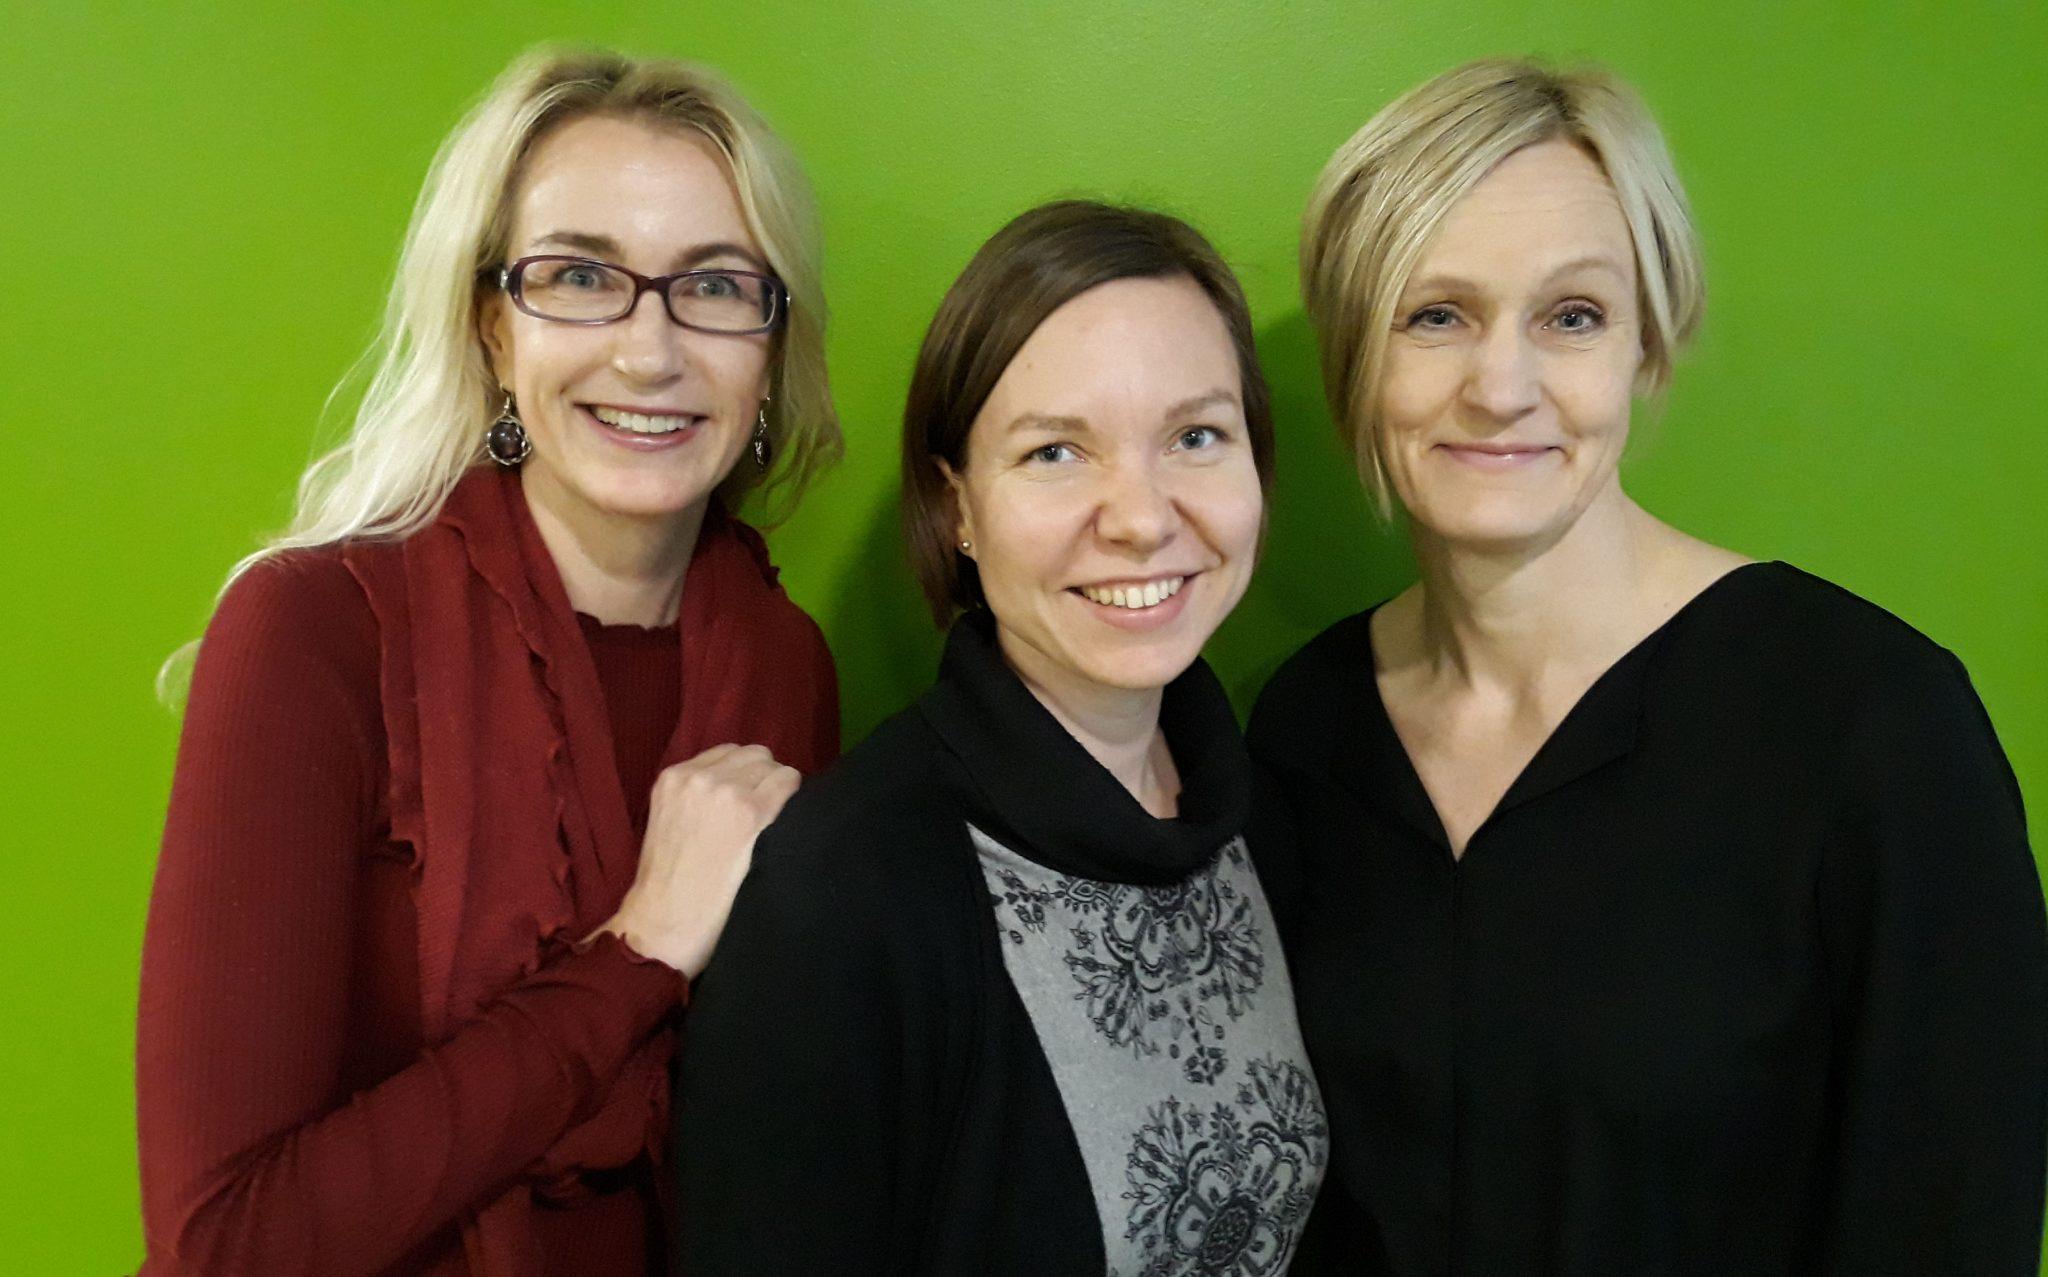 Kolme naista puolilähikuvassa | 3 women, the authors